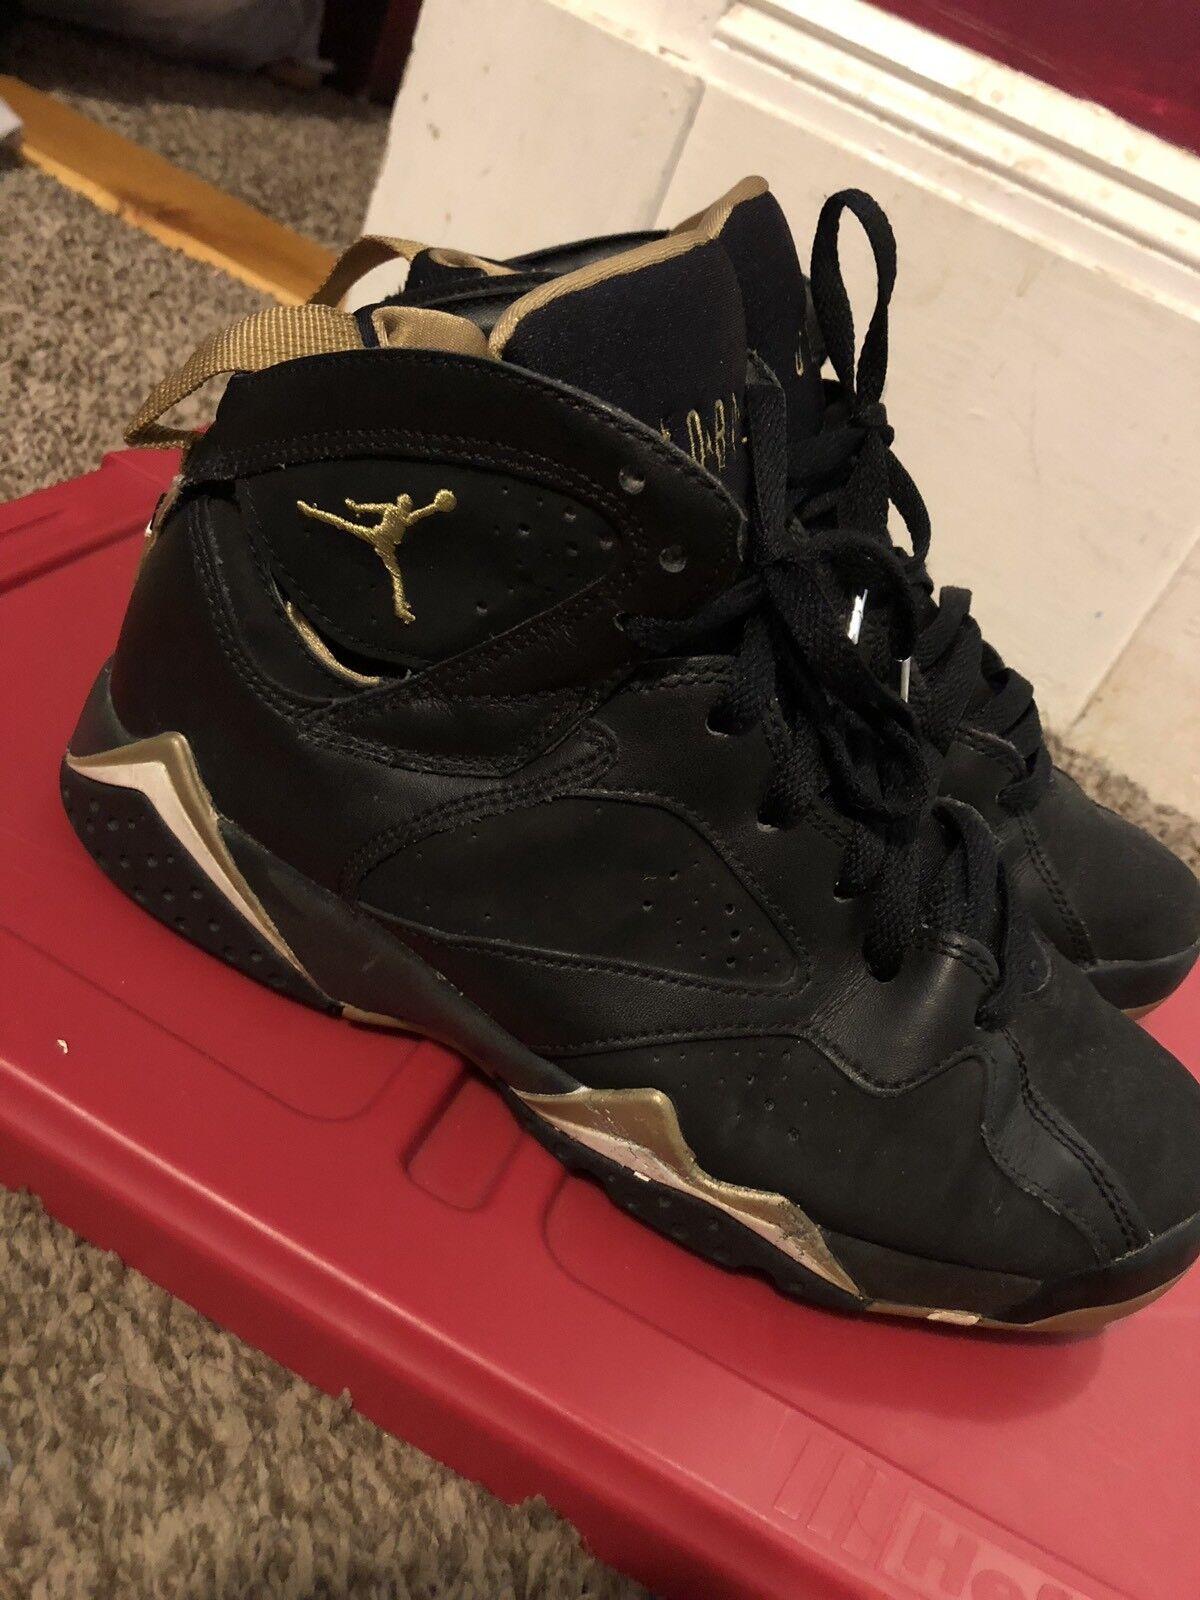 2012 Jordan Retro 7 momentos De oro y